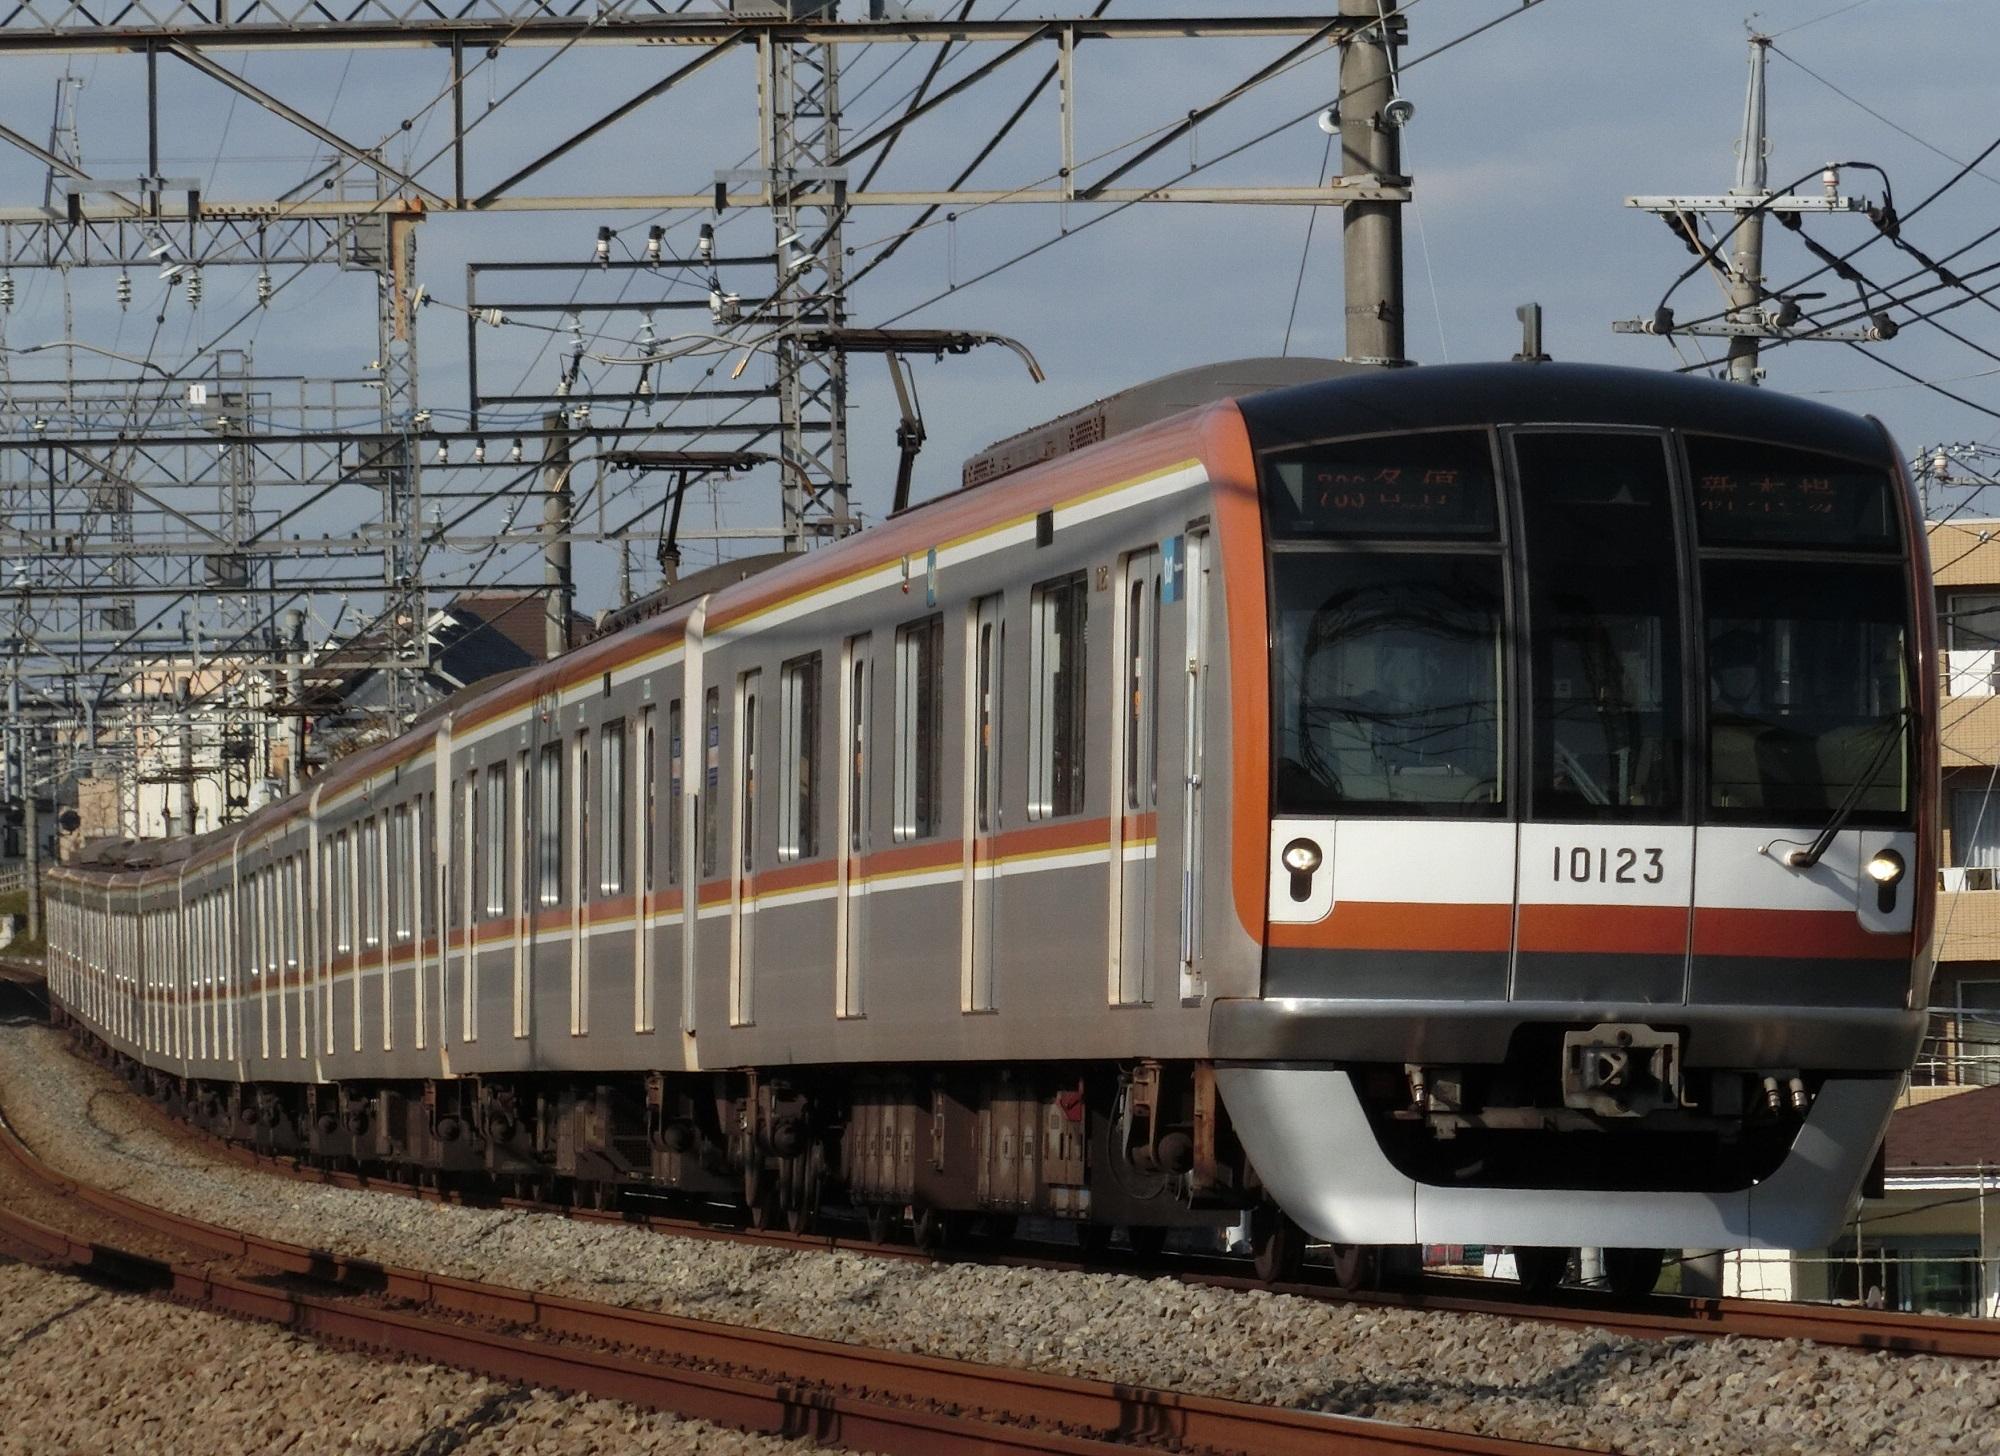 CIMG9286 - コピー